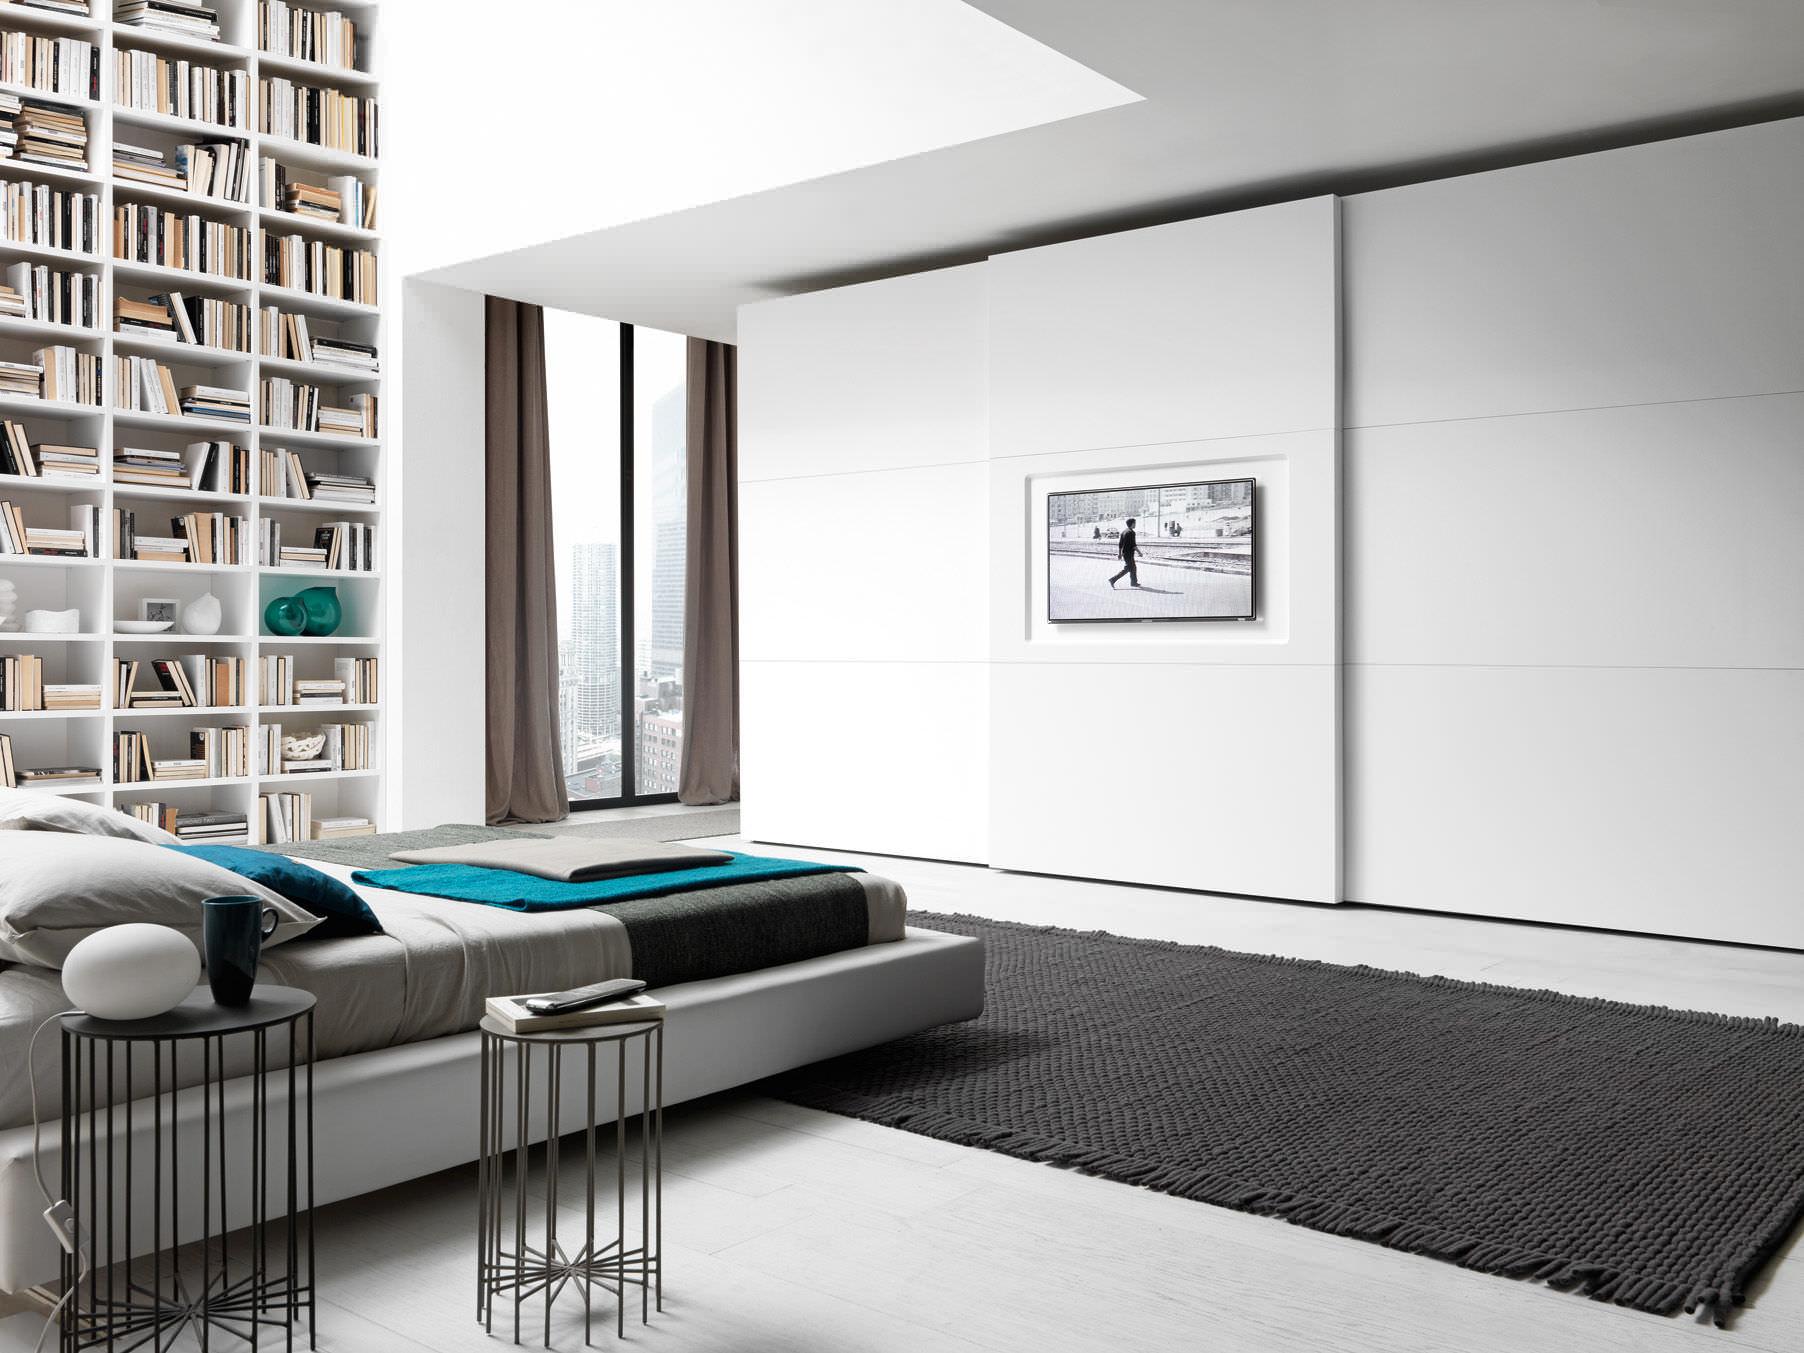 contemporary-sliding-door-wardrobes-8988-3223531.jpg